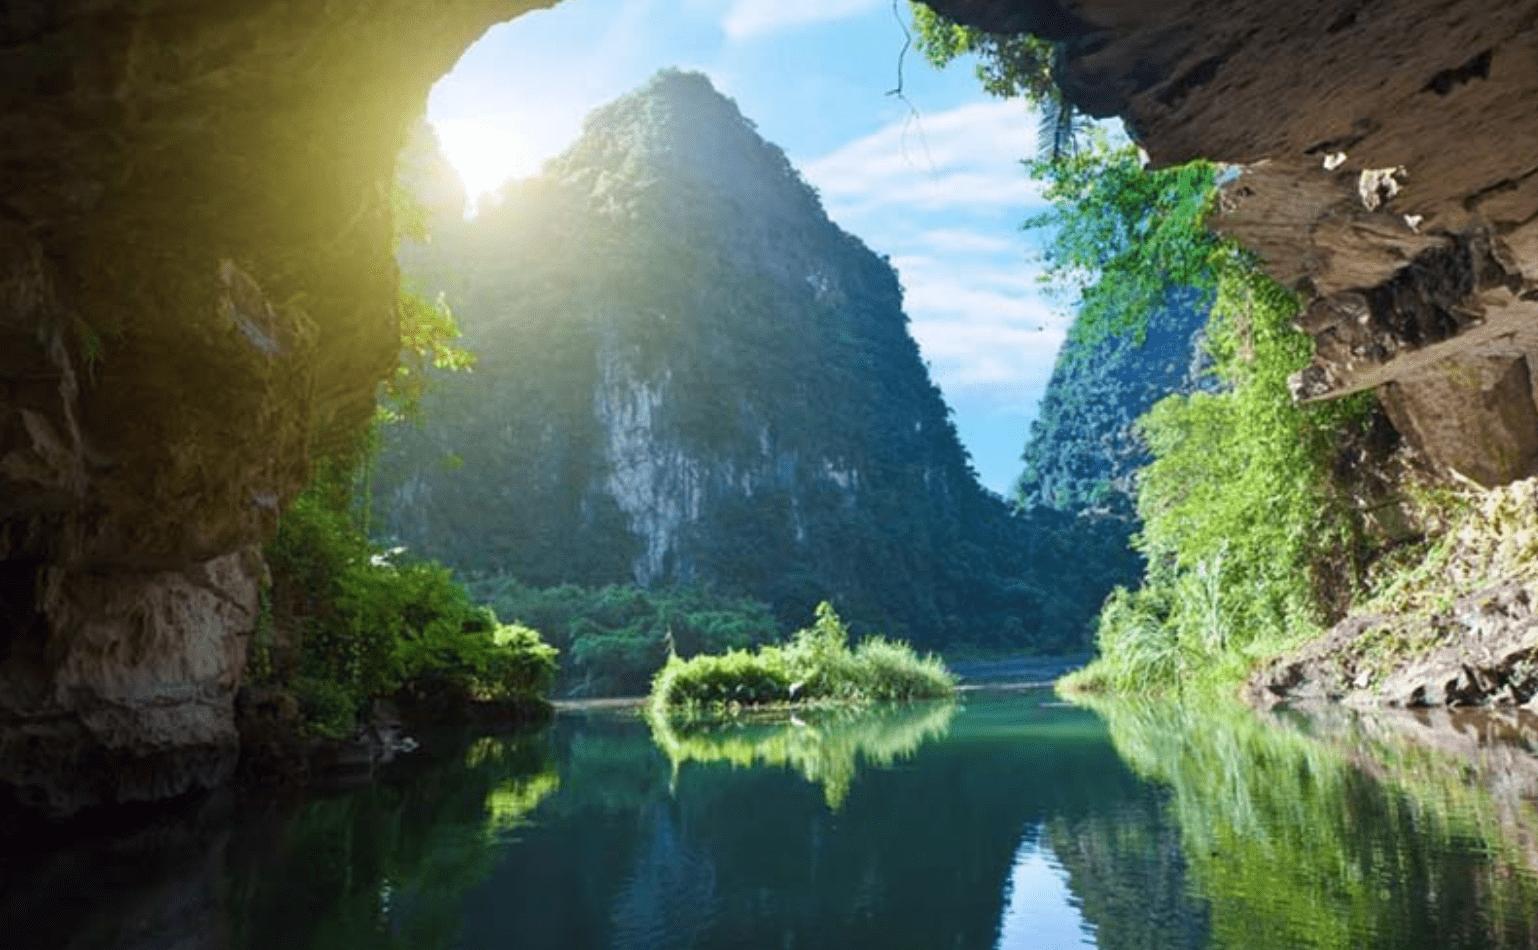 Kinh nghiệm du lịch Tràng An Ninh Bình từ A-Z (Cập nhật 06/2021)